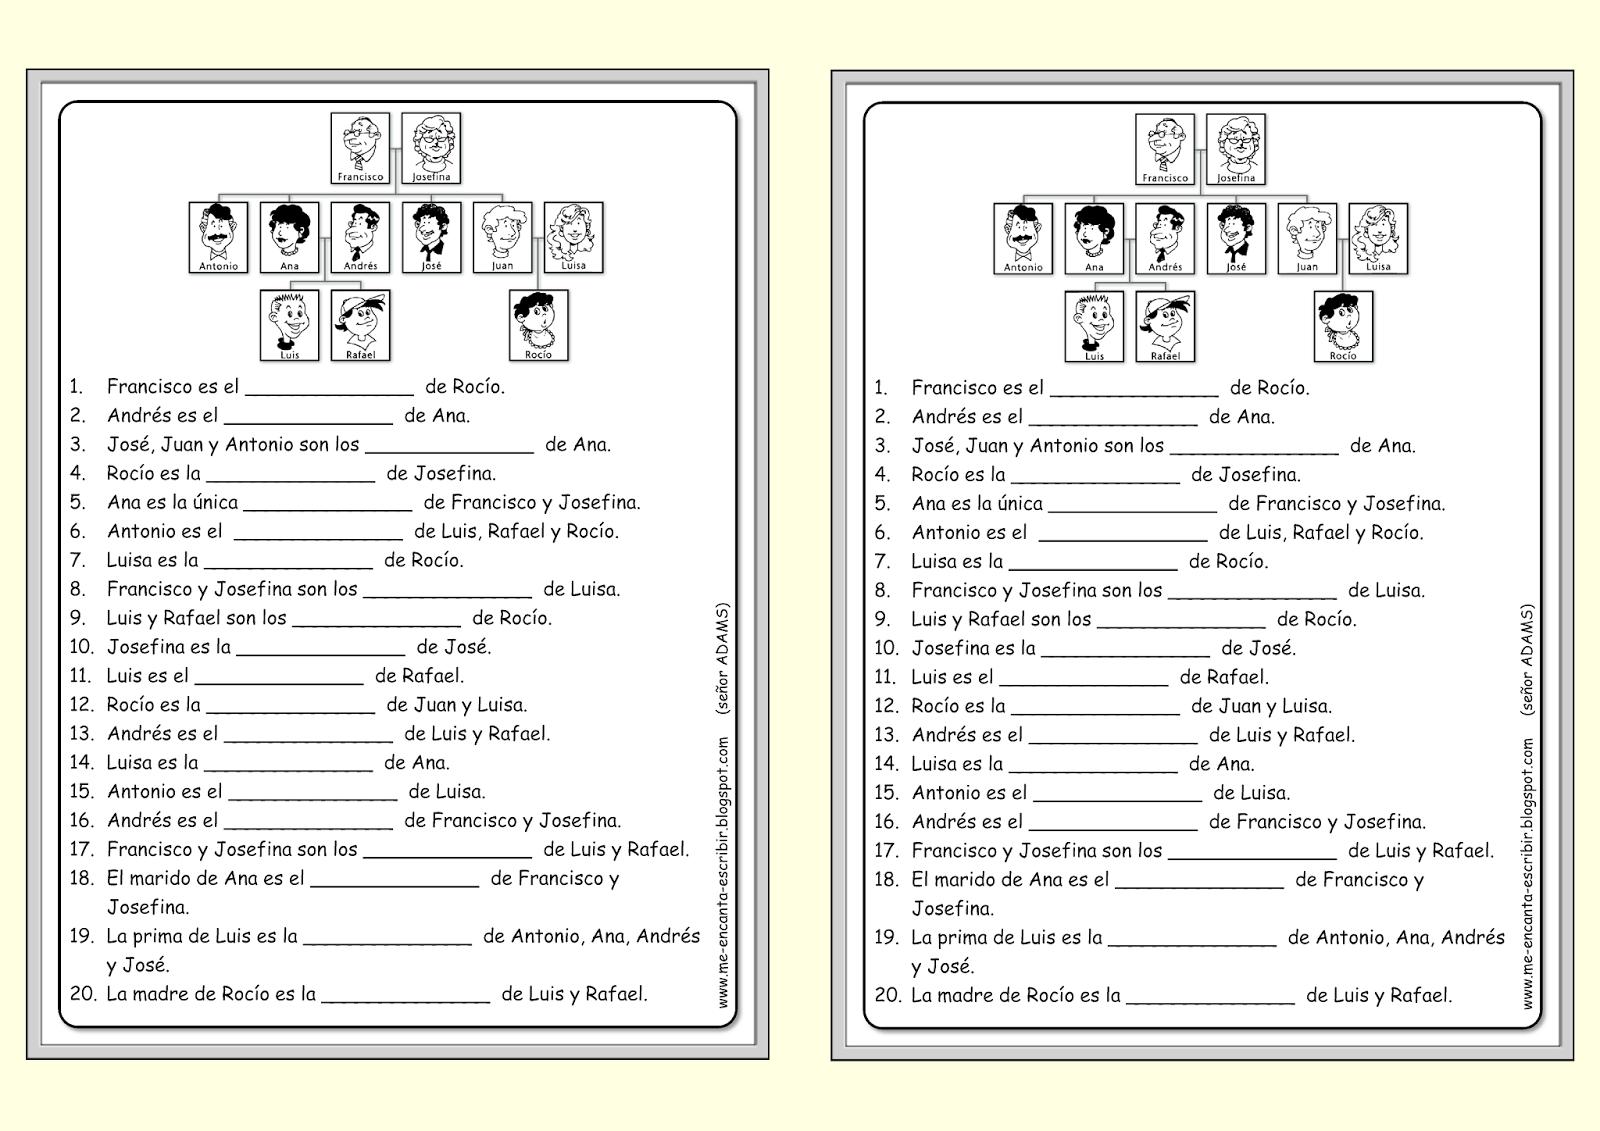 Estos Documentos Te Permiten Trabajar El Vocabulario Y Los Lazos Entre Las Diferentes Personas